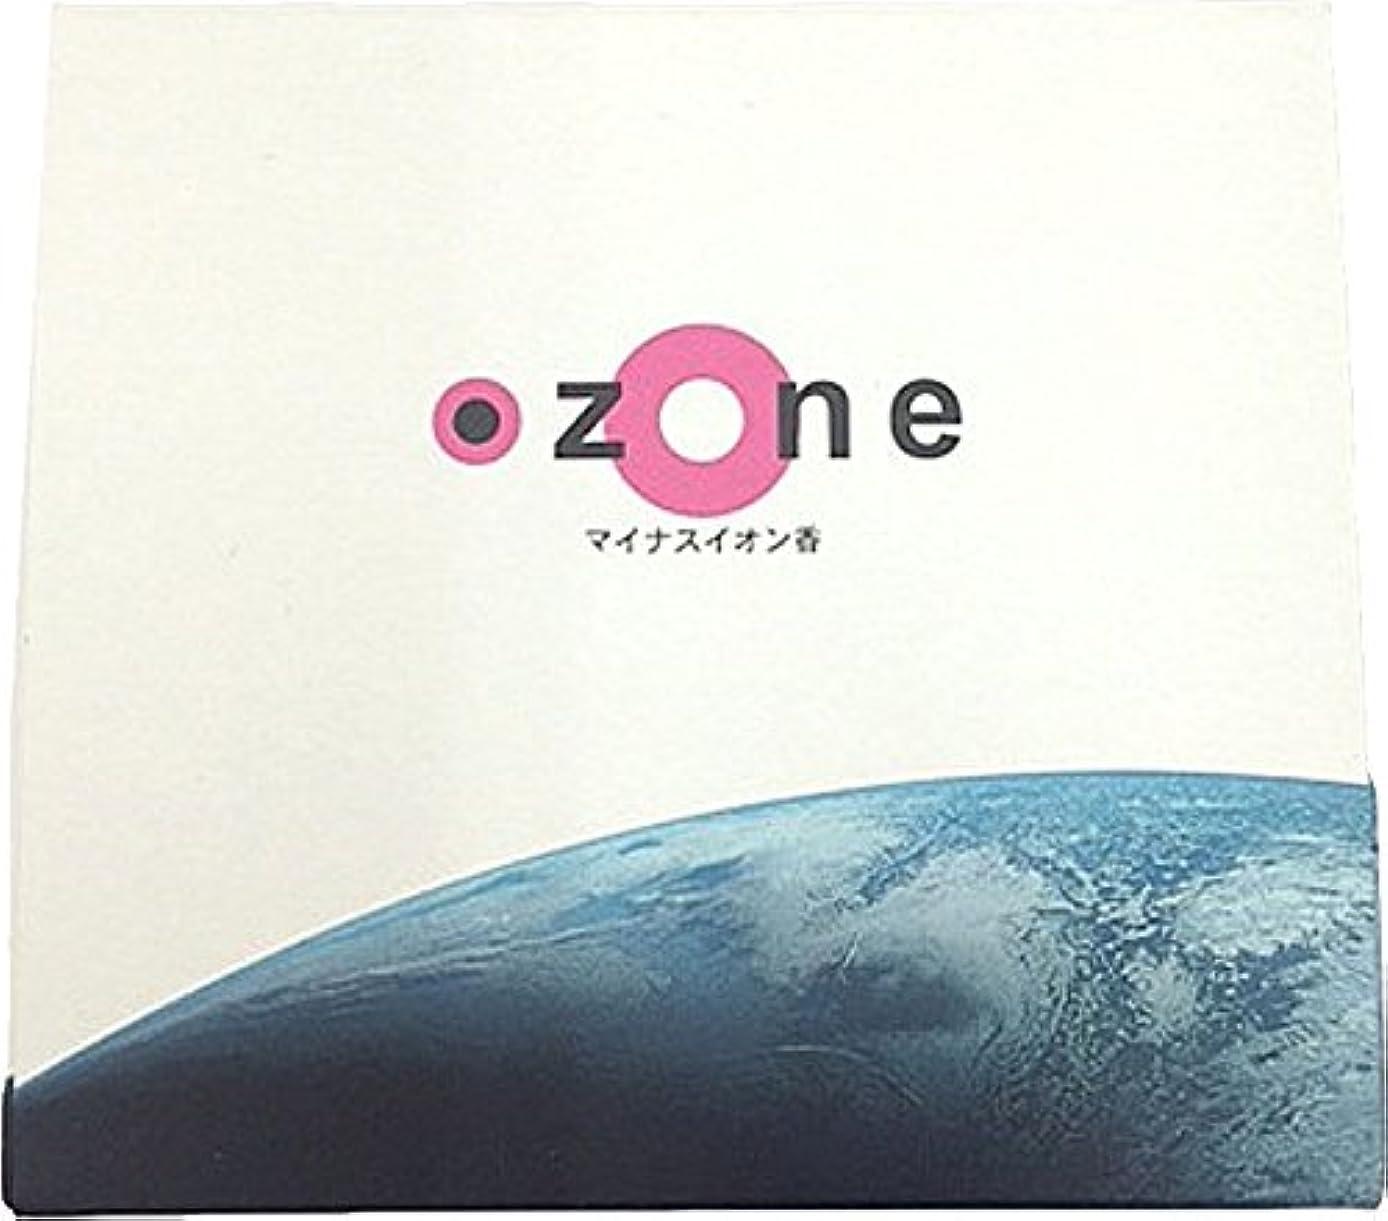 ライナージェーンオースティンカテゴリー悠々庵 OZONE 箱型 ピンクグレープフルーツ